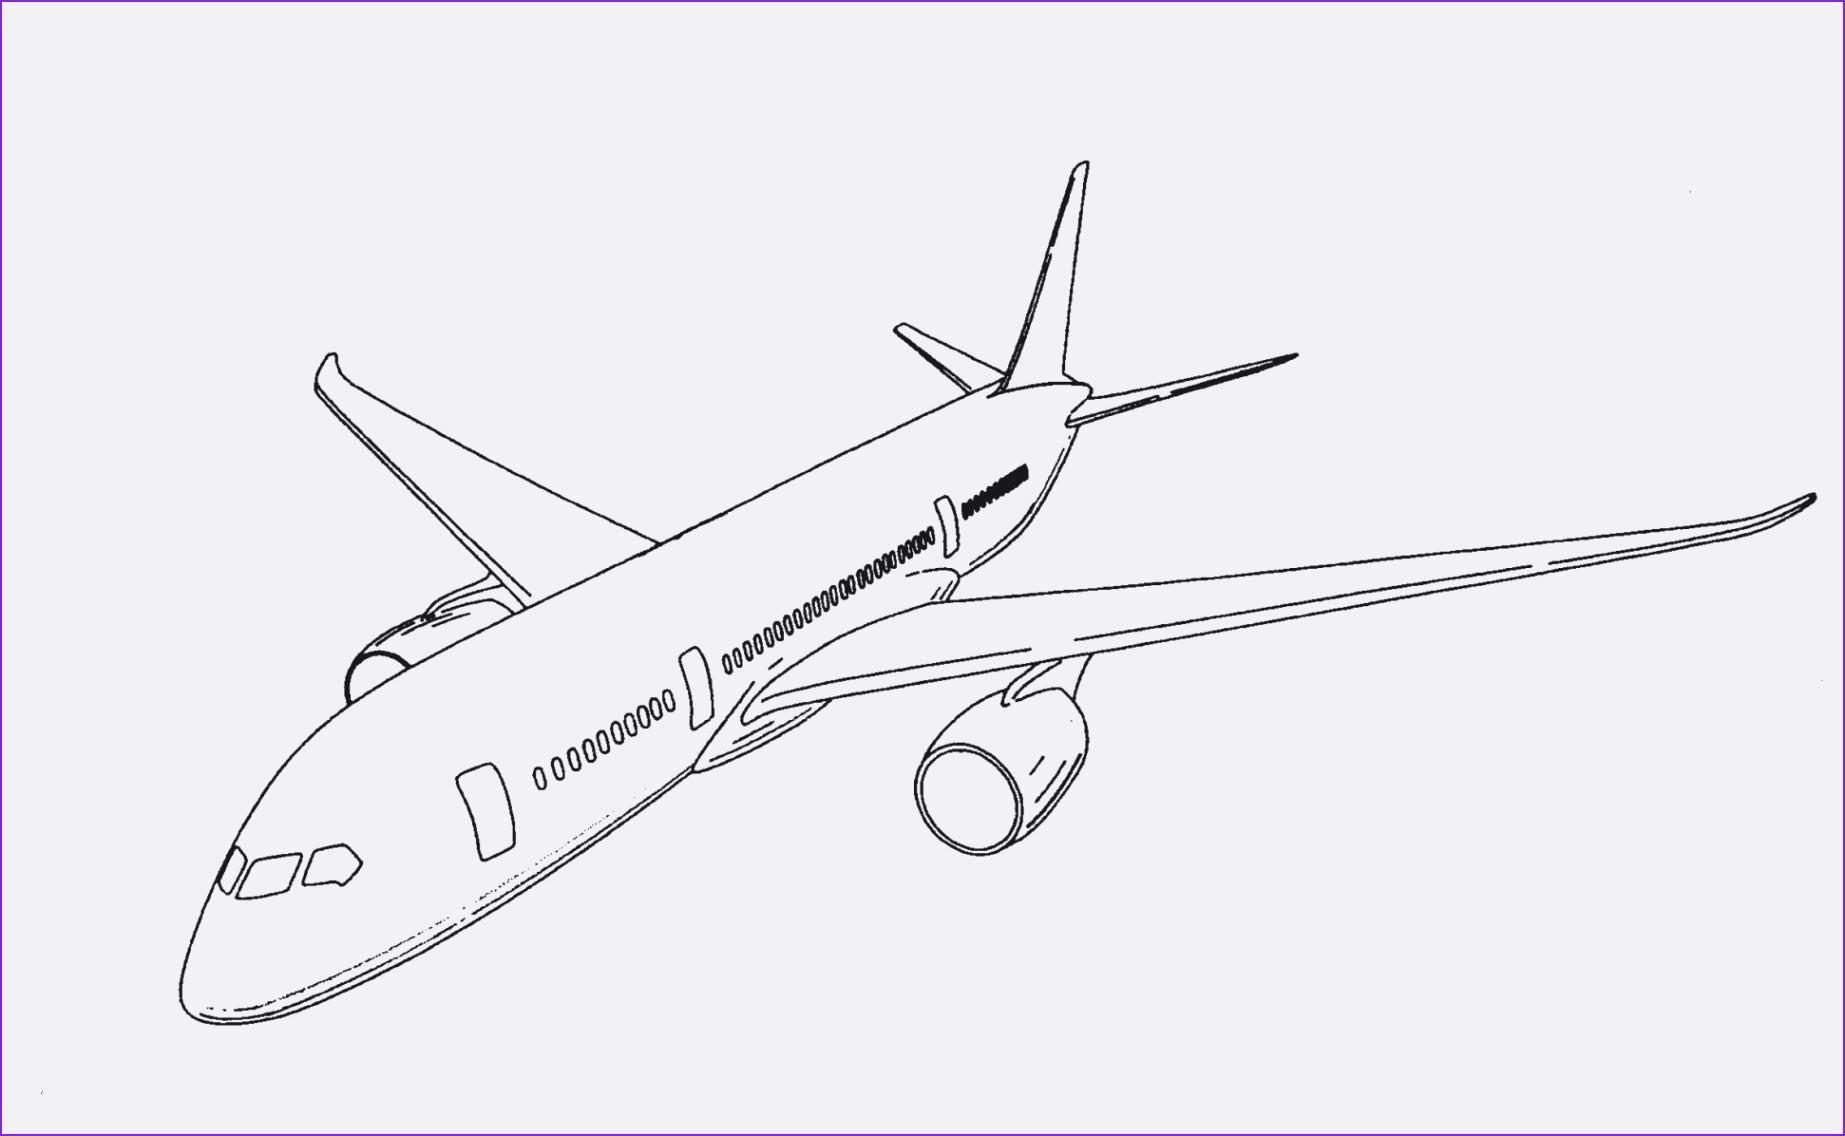 Flugzeug Bilder Zum Ausdrucken Das Beste Von Flugzeuge Malbuch Besondere 35 Ich Einfach Unverbesserlich Bilder